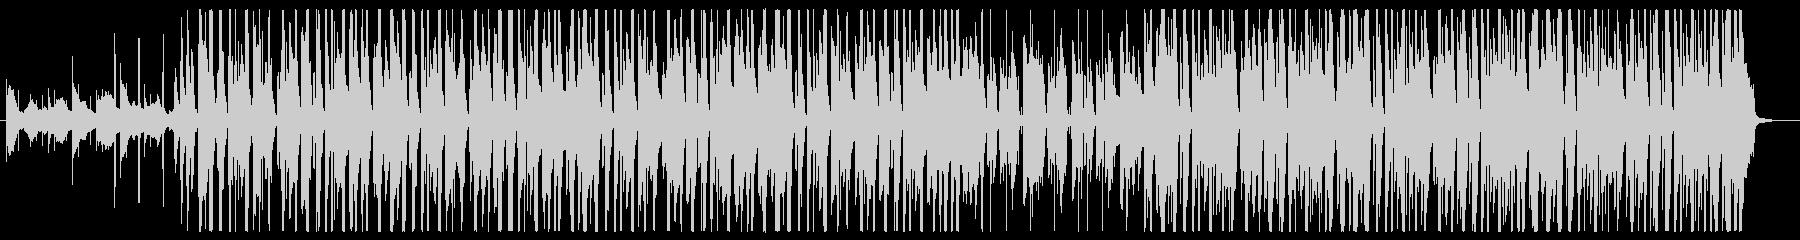 クールな印象なジャジーヒップホップの未再生の波形